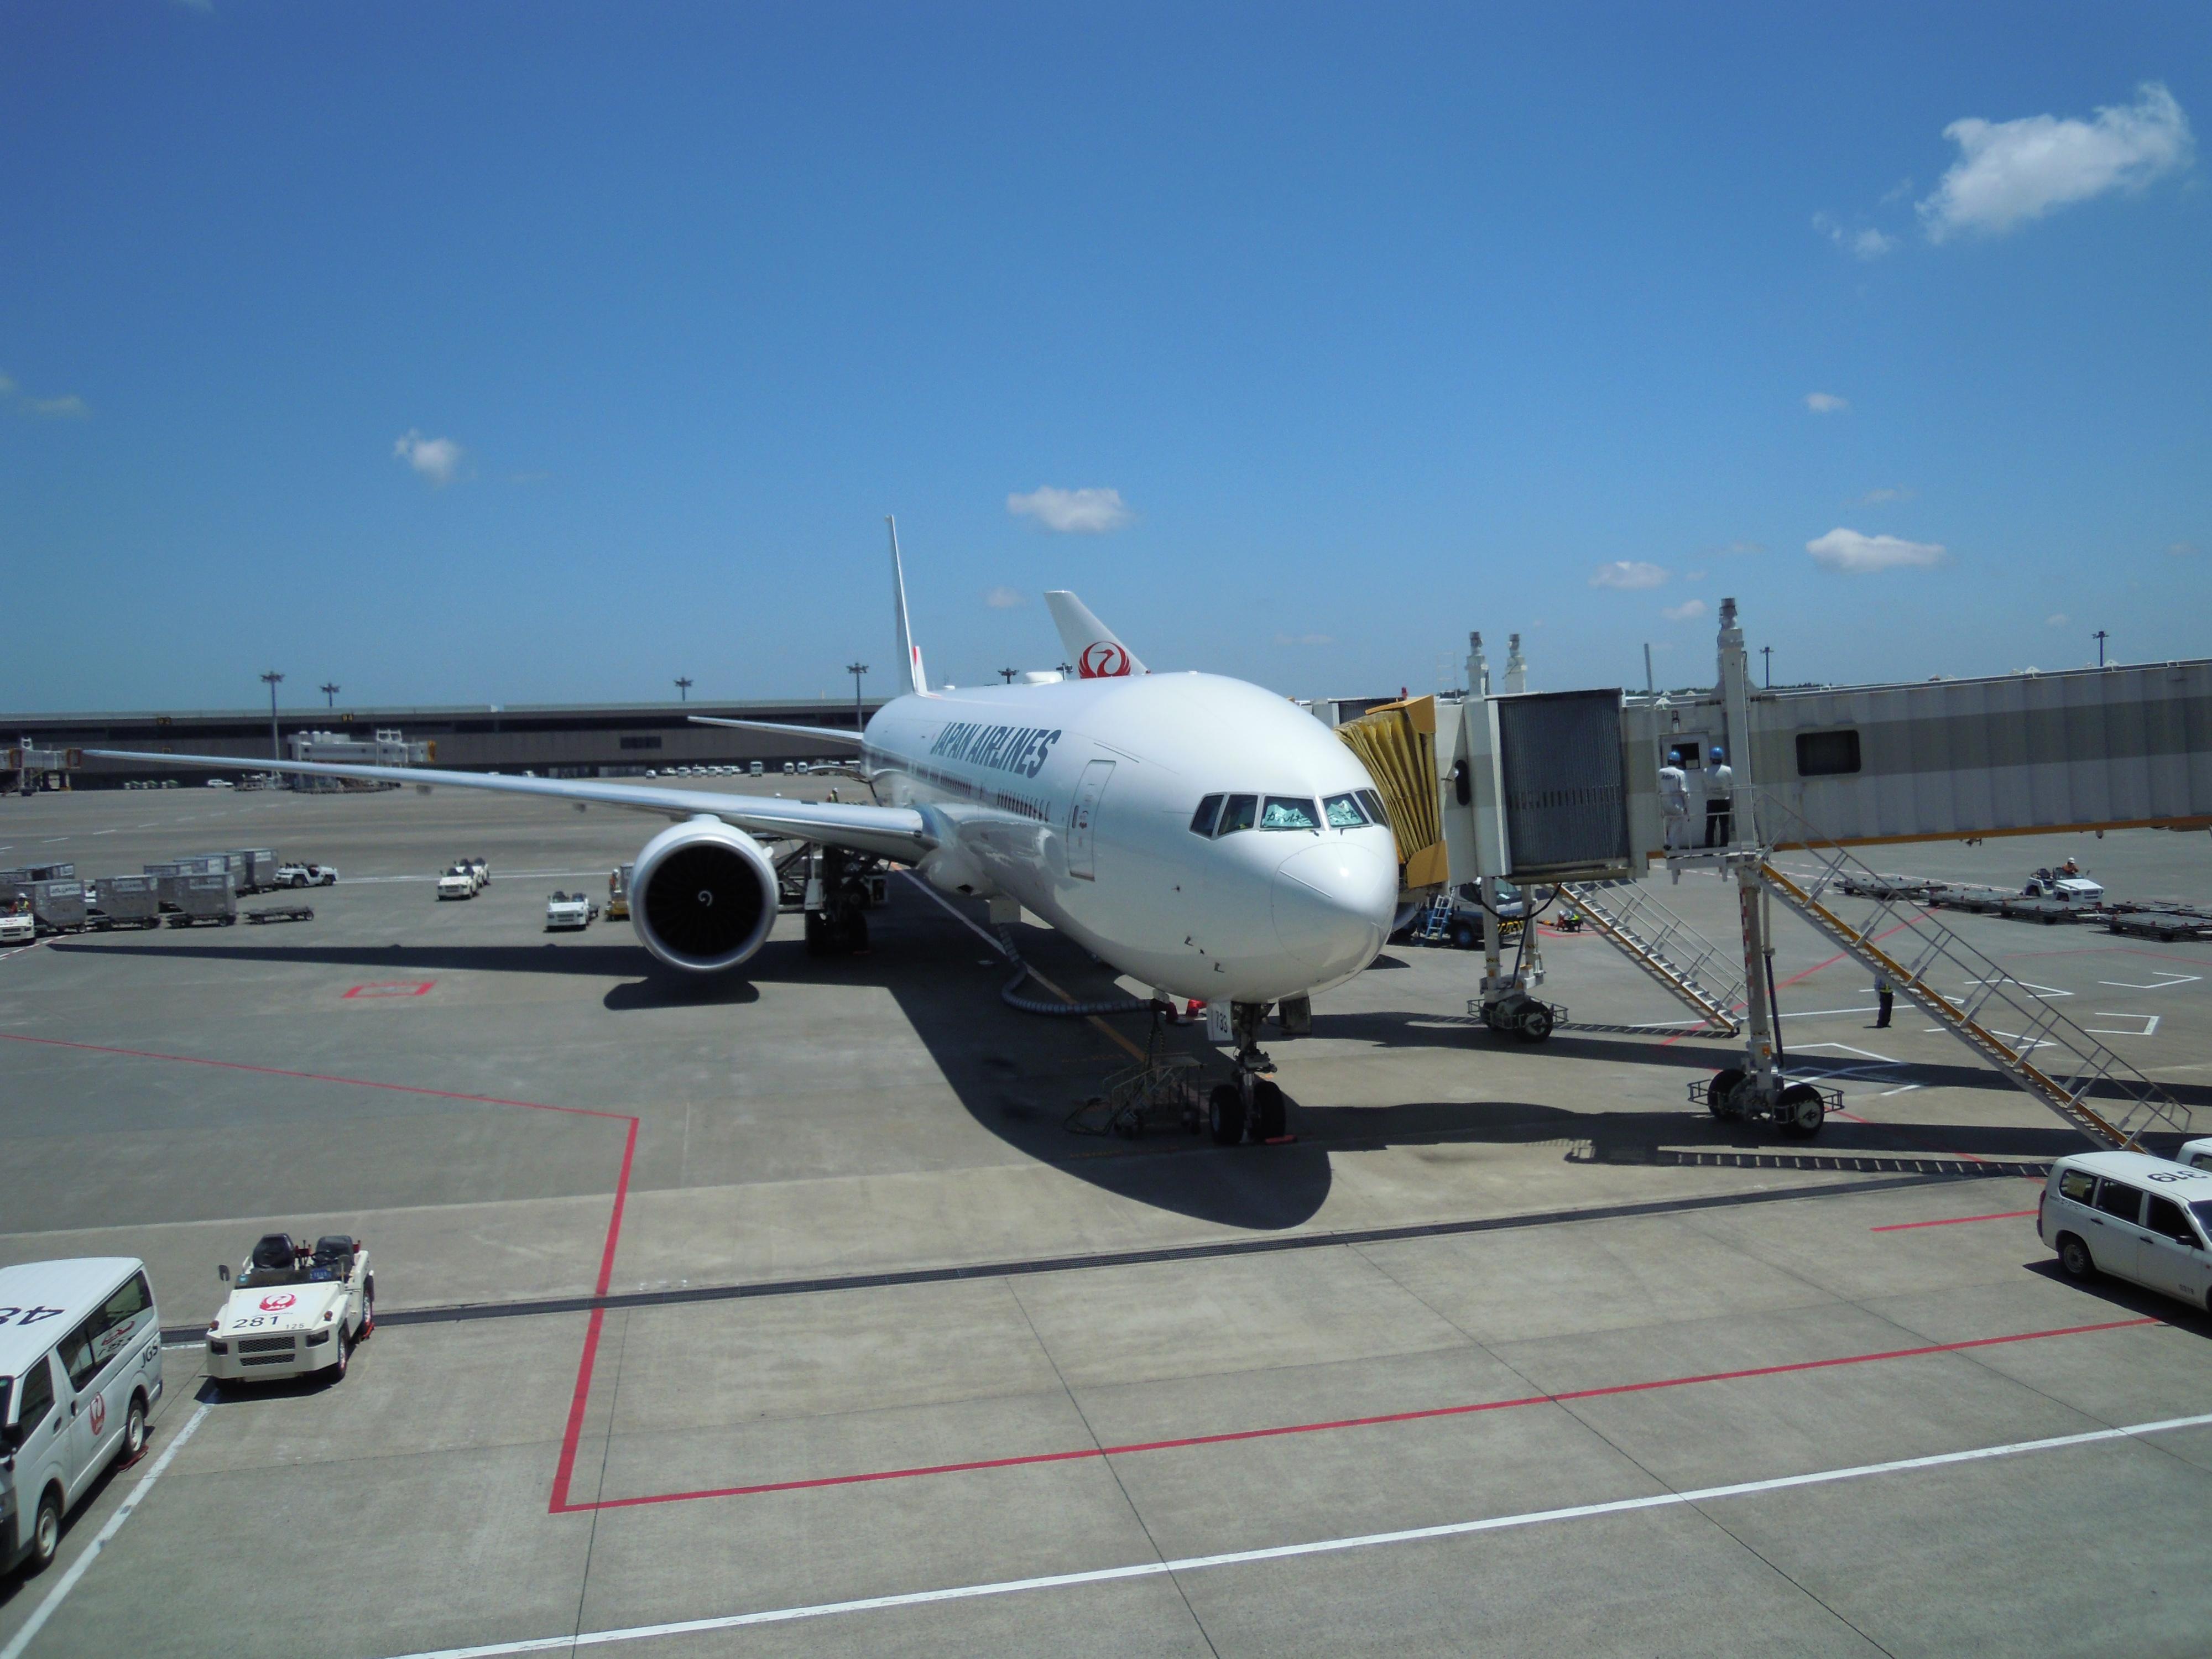 シンガポール航空は機内食もハイレベル!おすすめメニューや魅力を調査!